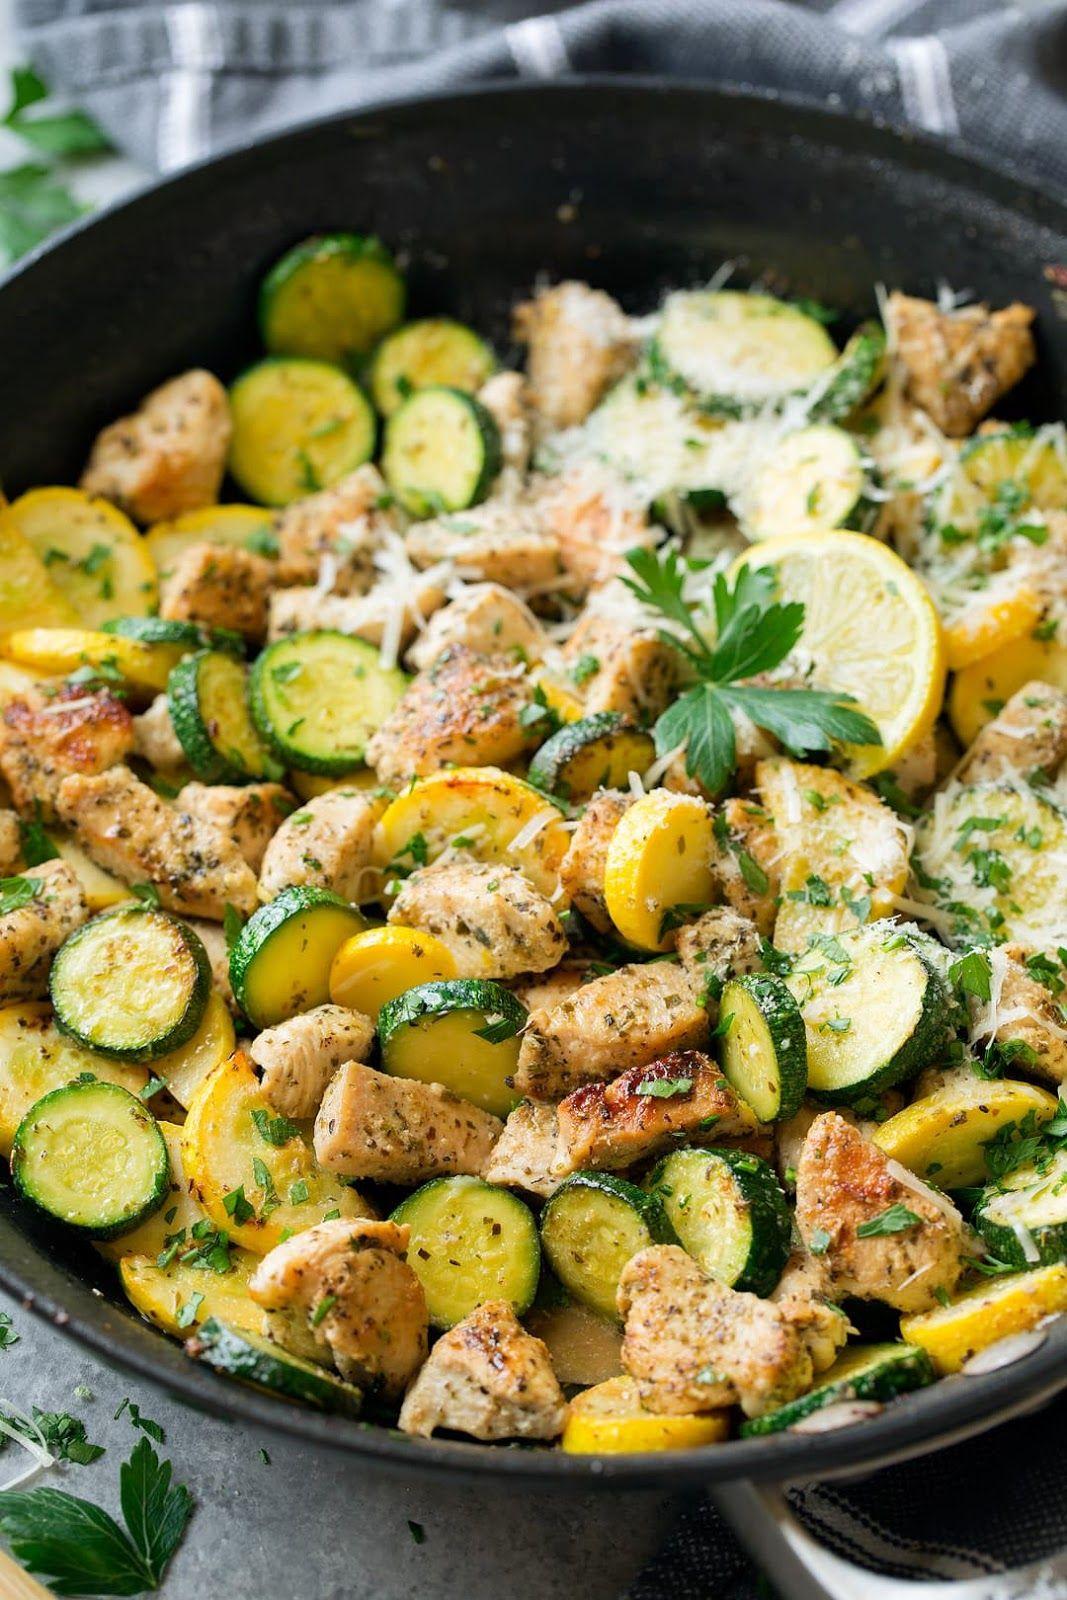 skillet citron parmesan poulet courgette courgette - erdagardens.org